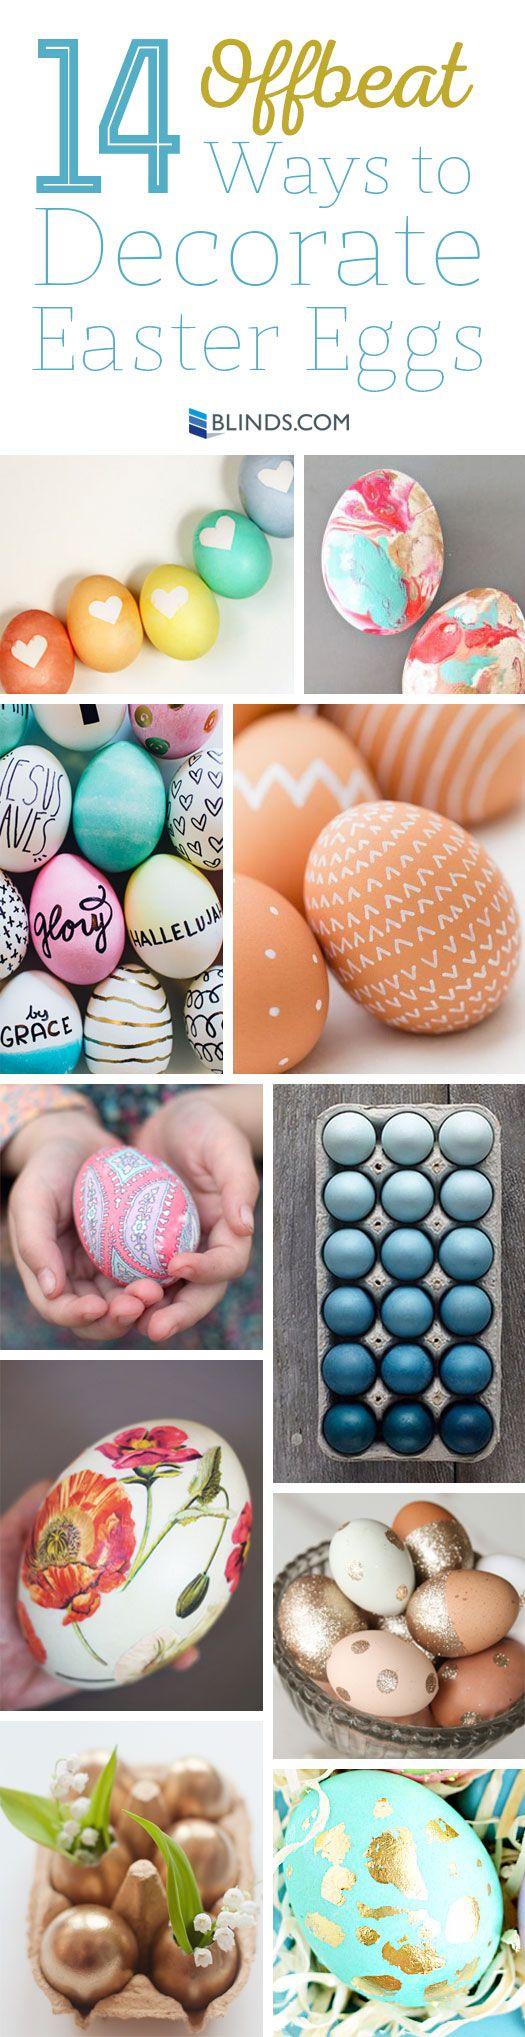 Unod a szokványos tojásokat? Itt van pár tipp, hogyan lépj túl a sablonokon! #husvet #tojasfestes #sablon #minta #otlet #praktika #tipp #dekor #tescomagyarorszag